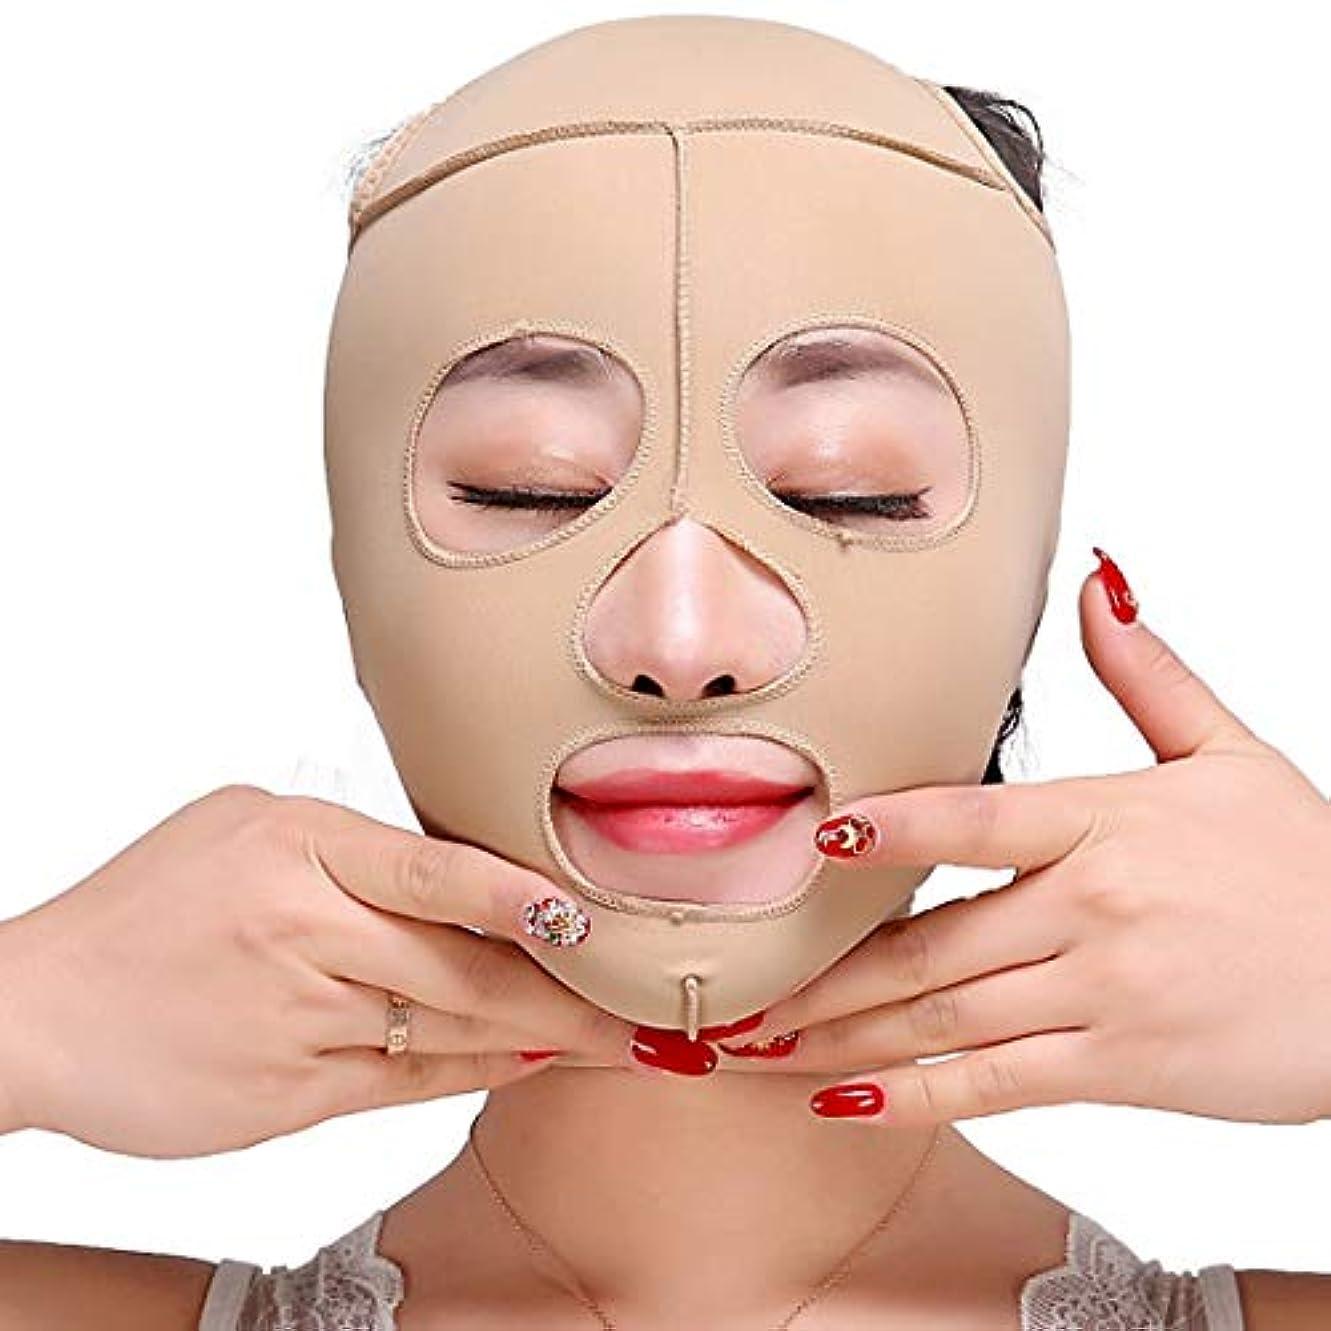 吸収整理する花弁ZWBD フェイスマスク, フェイスリフティング包帯Vフェイスリフティングと締め付けフェイスリフティングマスクラインカービングヘッドカバー術後回復顔整形包帯